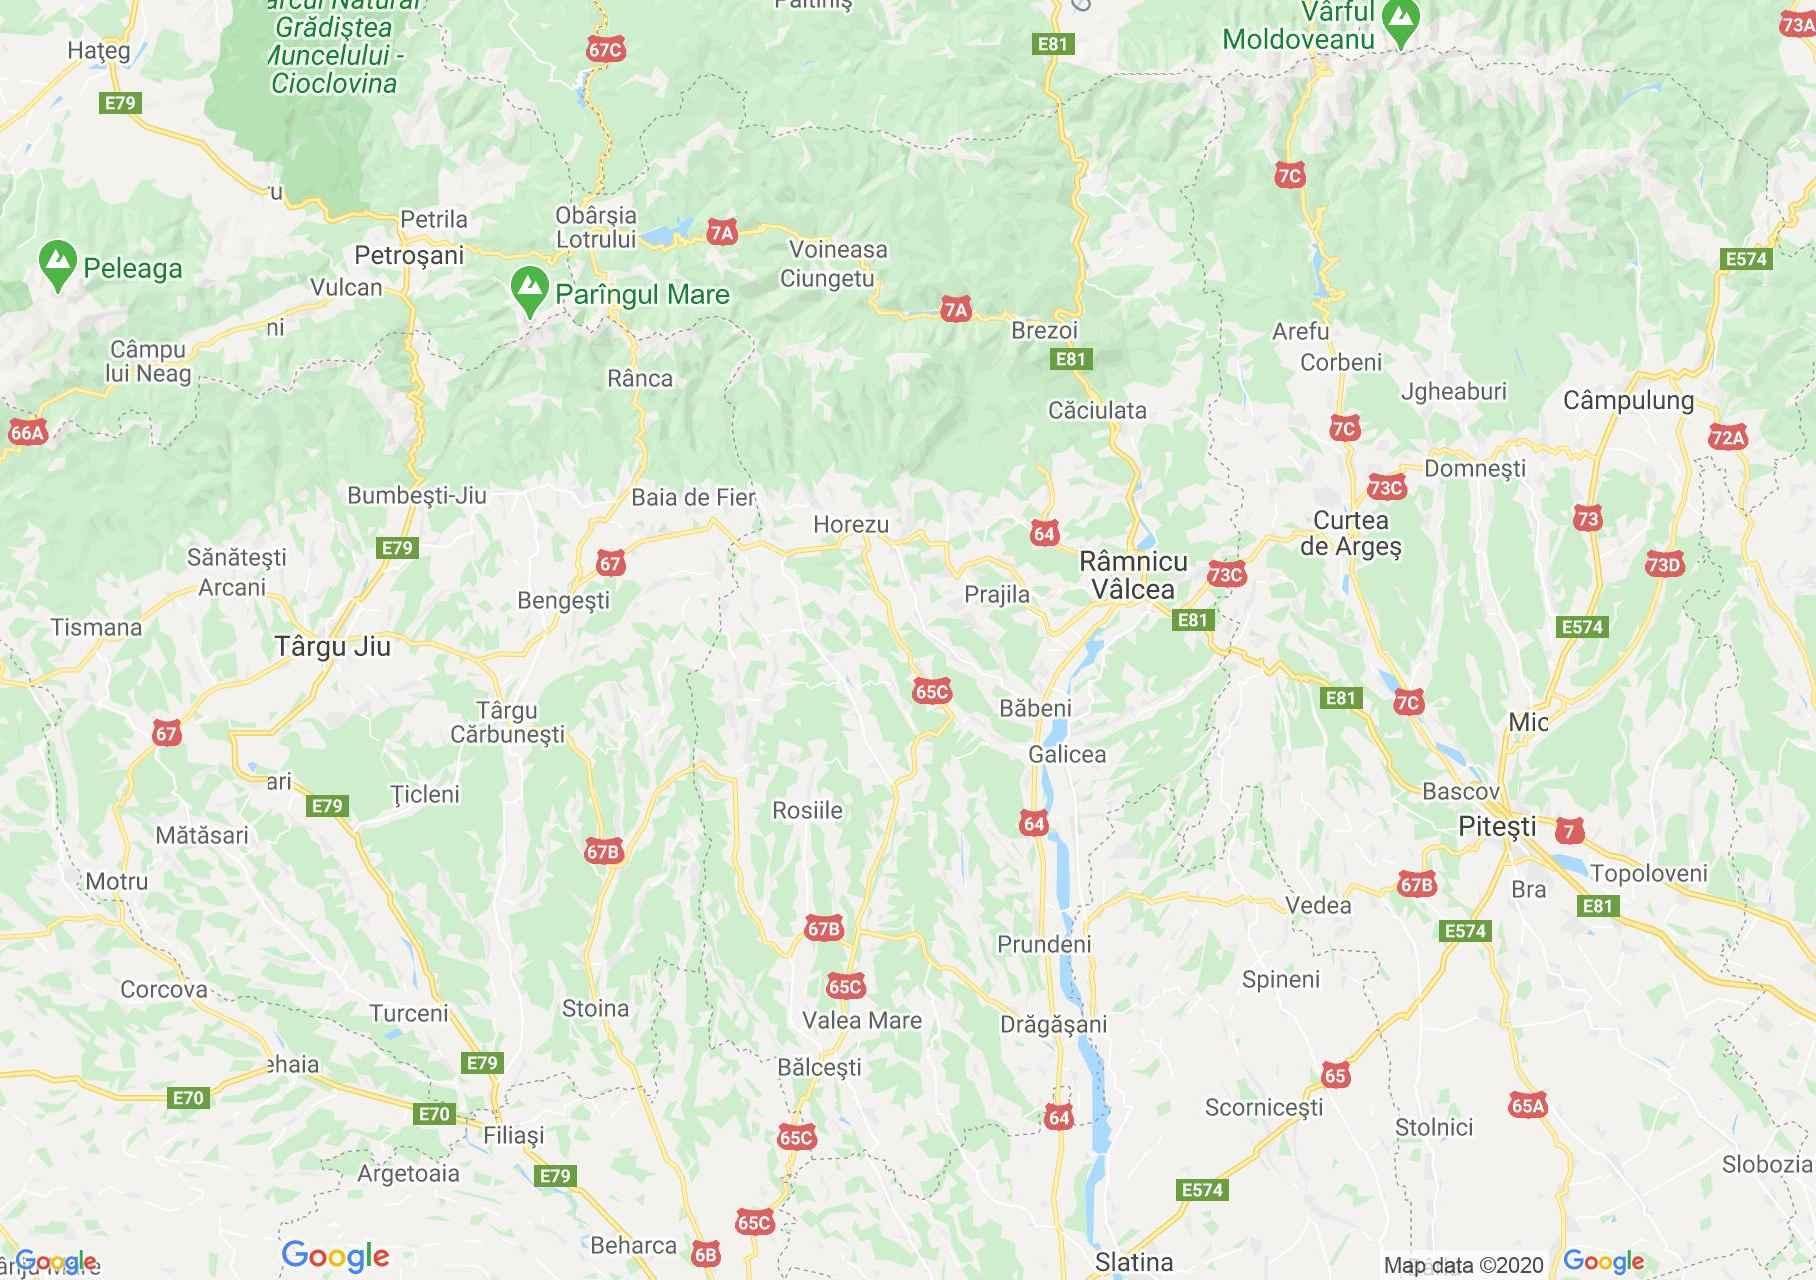 Judeţul Vâlcea: (Râmnicu Vâlcea), Harta turistică interactivă